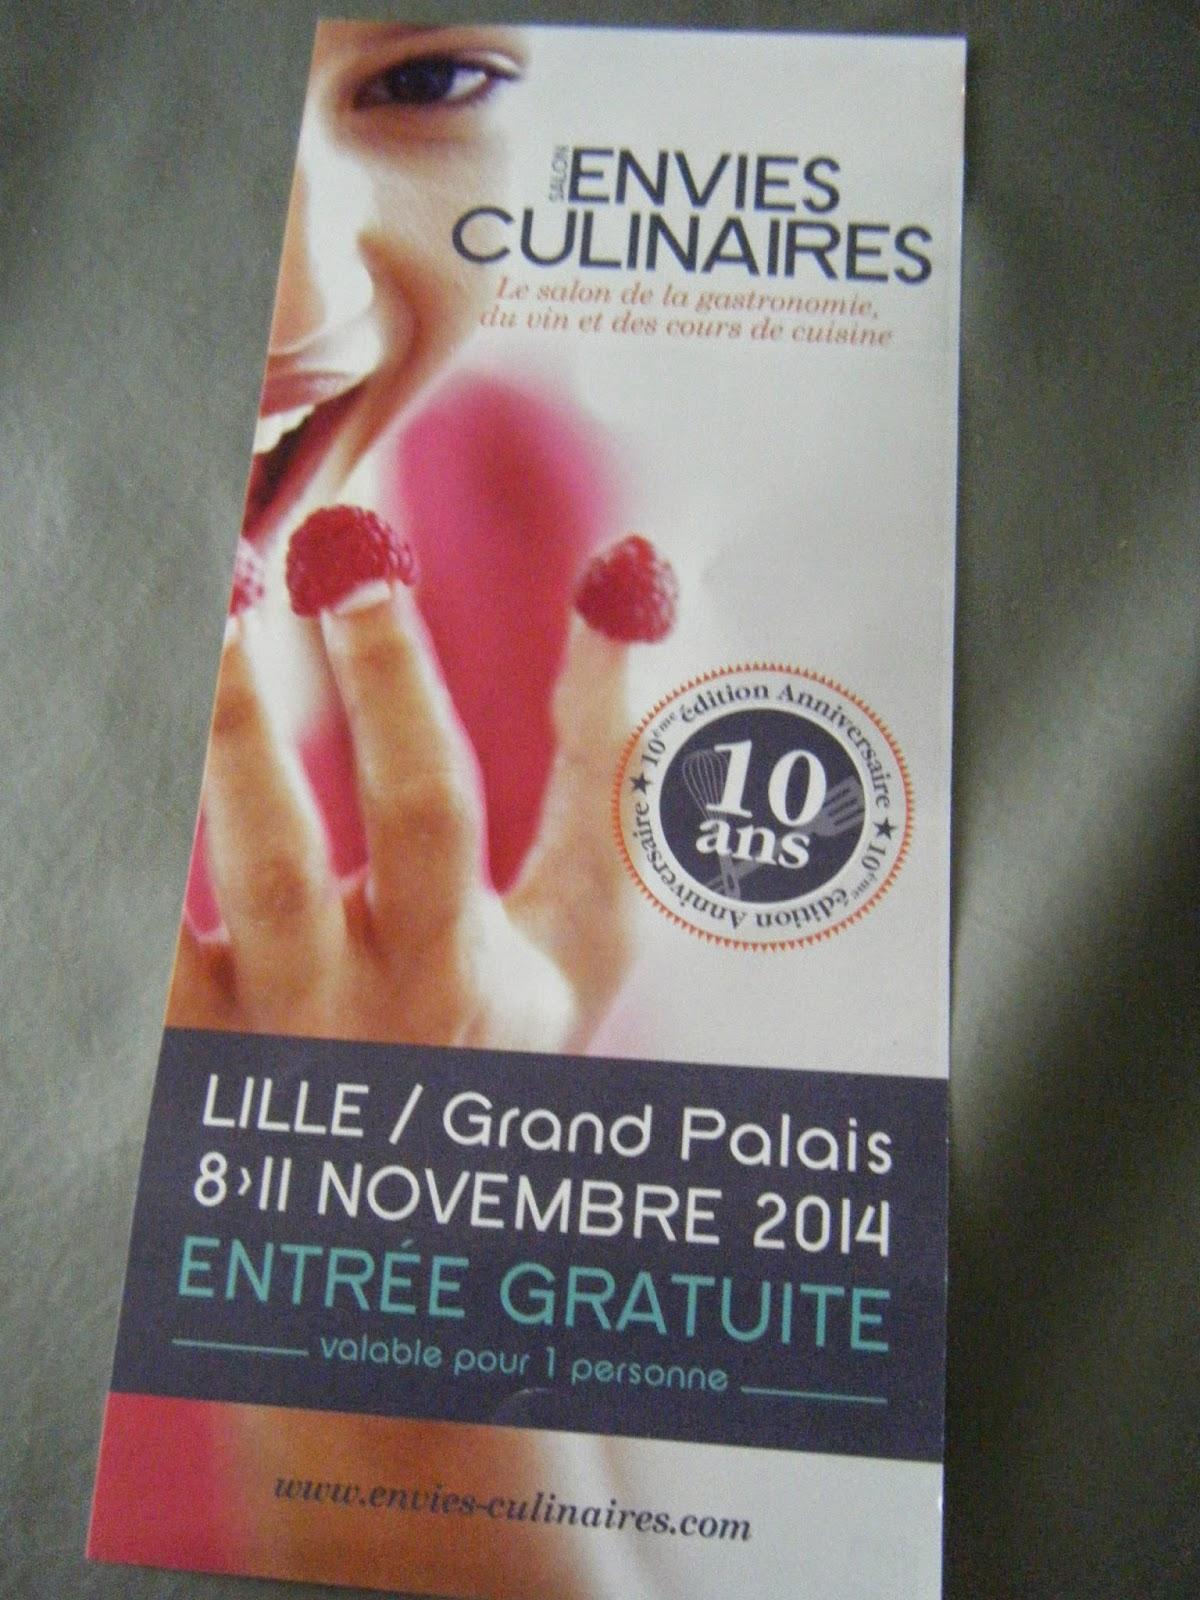 Les taratatas de sandra dans ma bo te aux lettres 6 for Salon culinaire lille